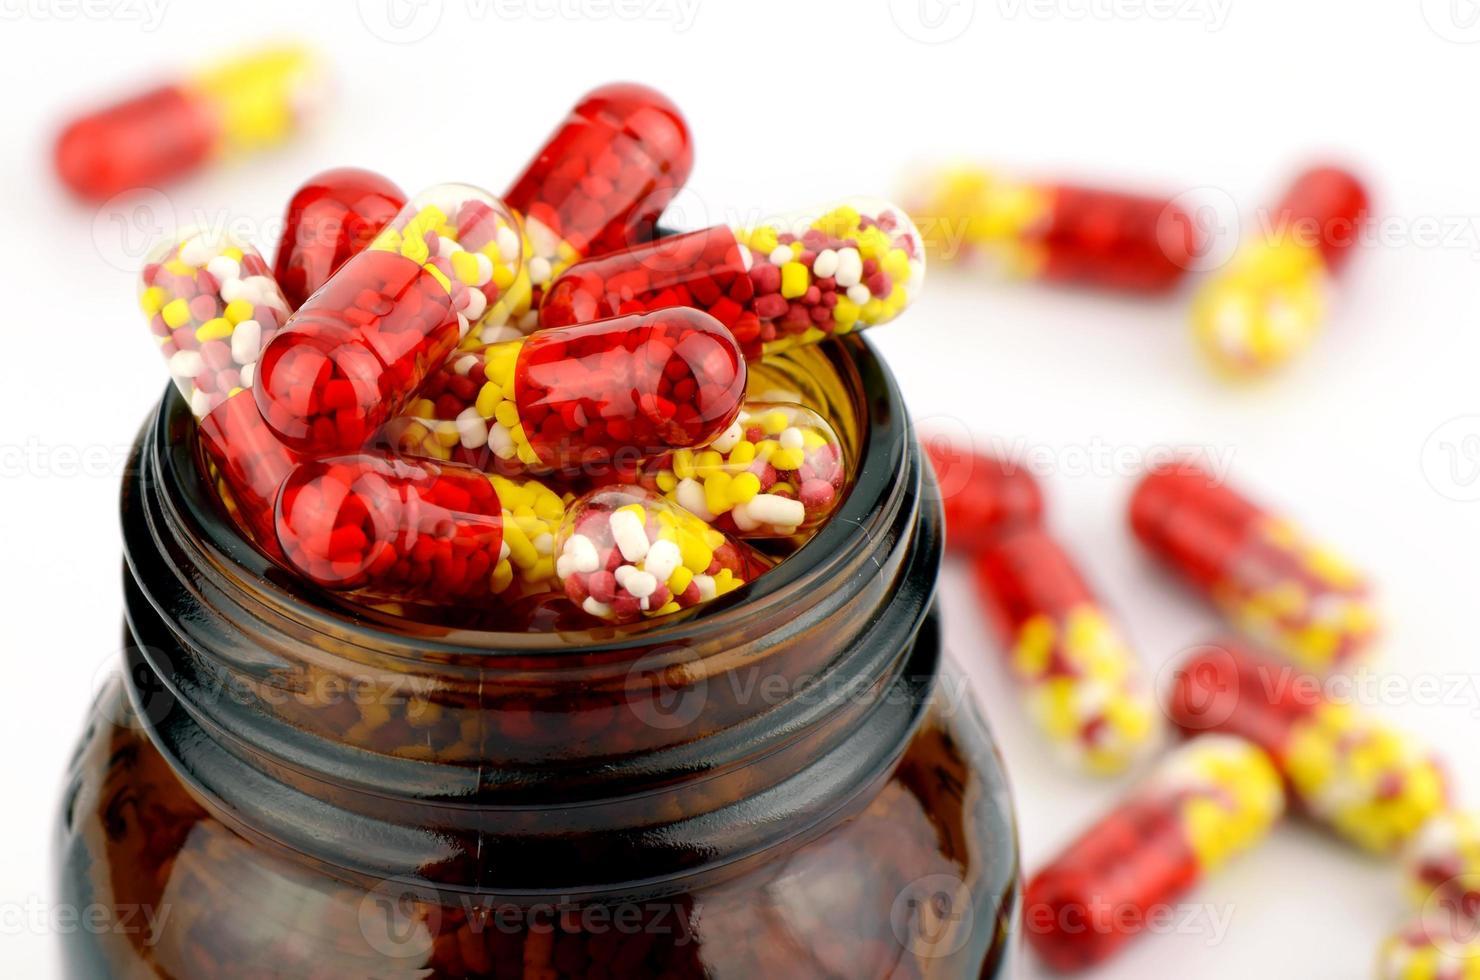 colorido de medicamentos orales sobre fondo blanco. foto